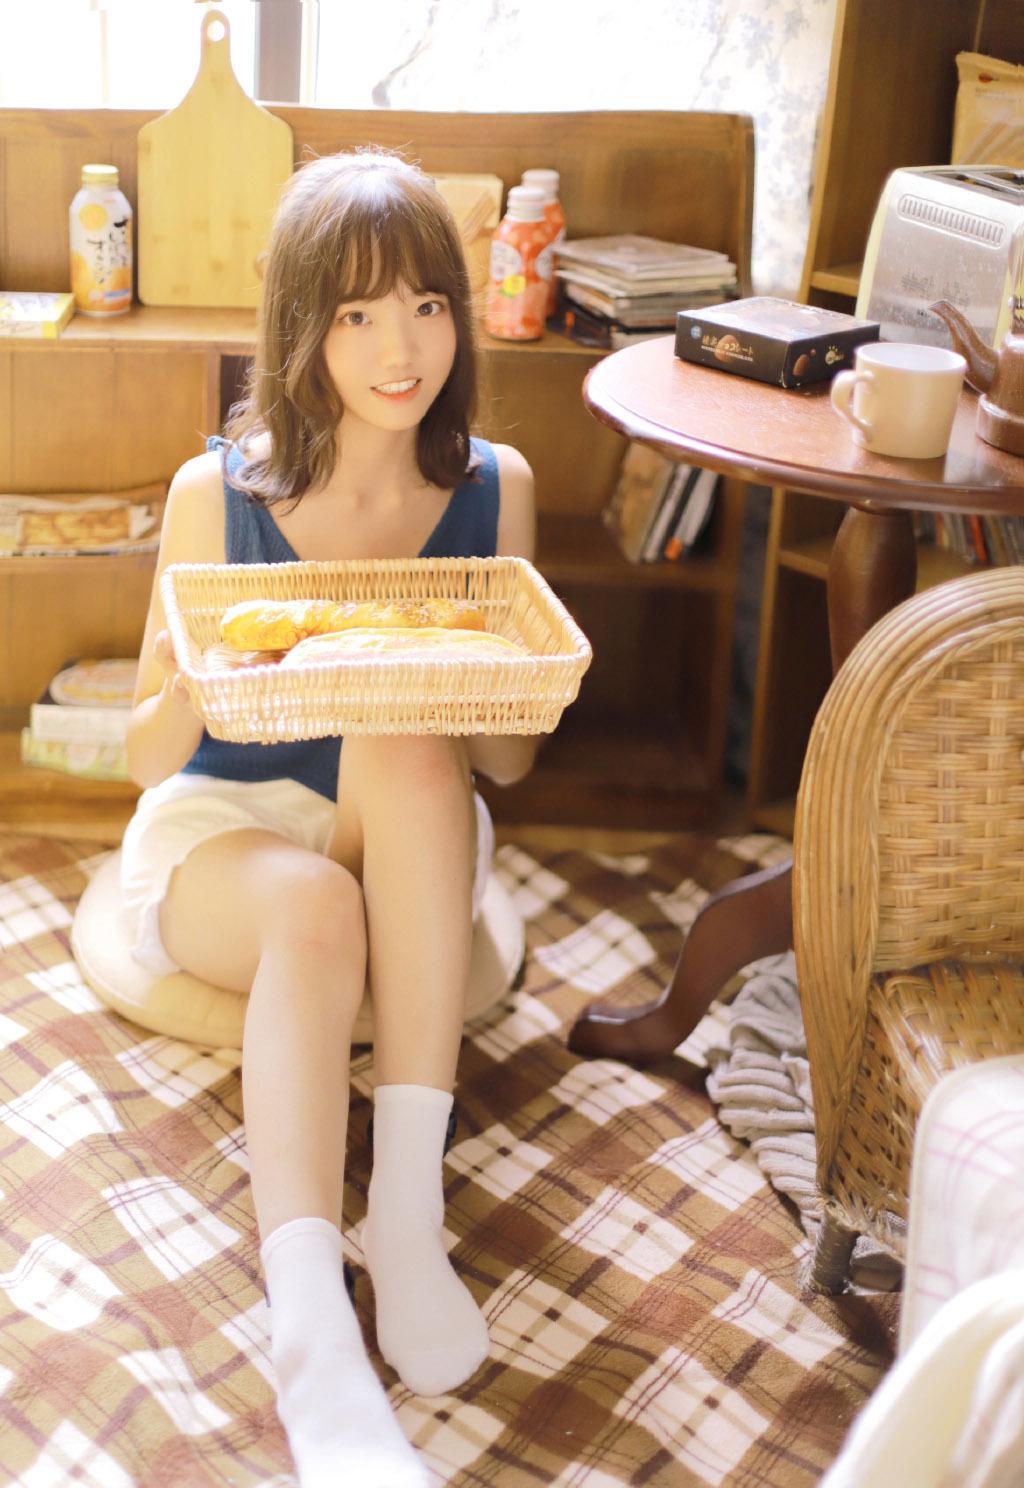 文艺美少女吊带长腿白丝袜美腿写真